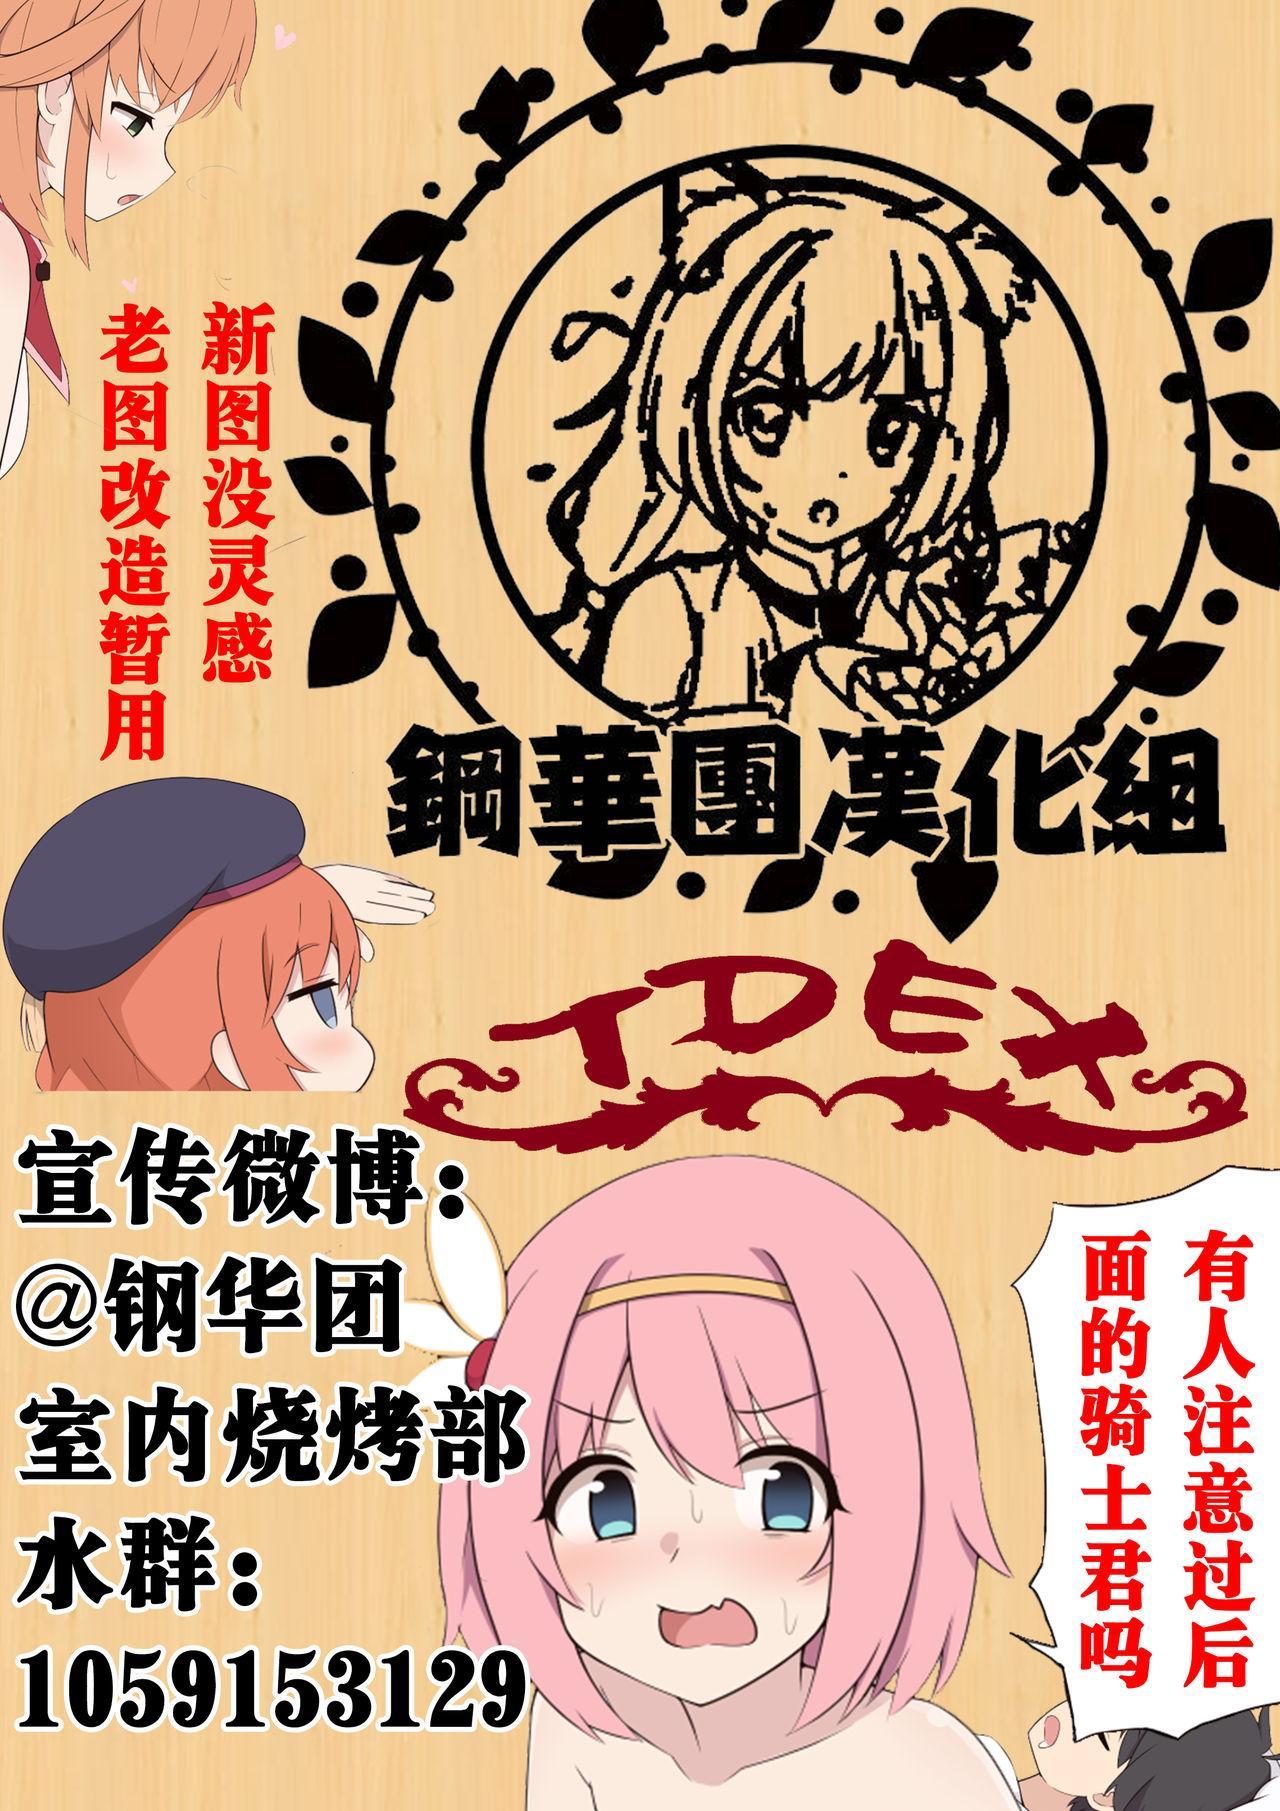 [Biaticaeroparobu ( S . Yoshida ) ] 1 wa zenpen 18 pe-zi 【 bosi soukan ・ doku haha yuri 】 yuri haha iN ( yuri boin ) Vol . 1 - Part 1 [Chinese] [钢华团汉化组] 24